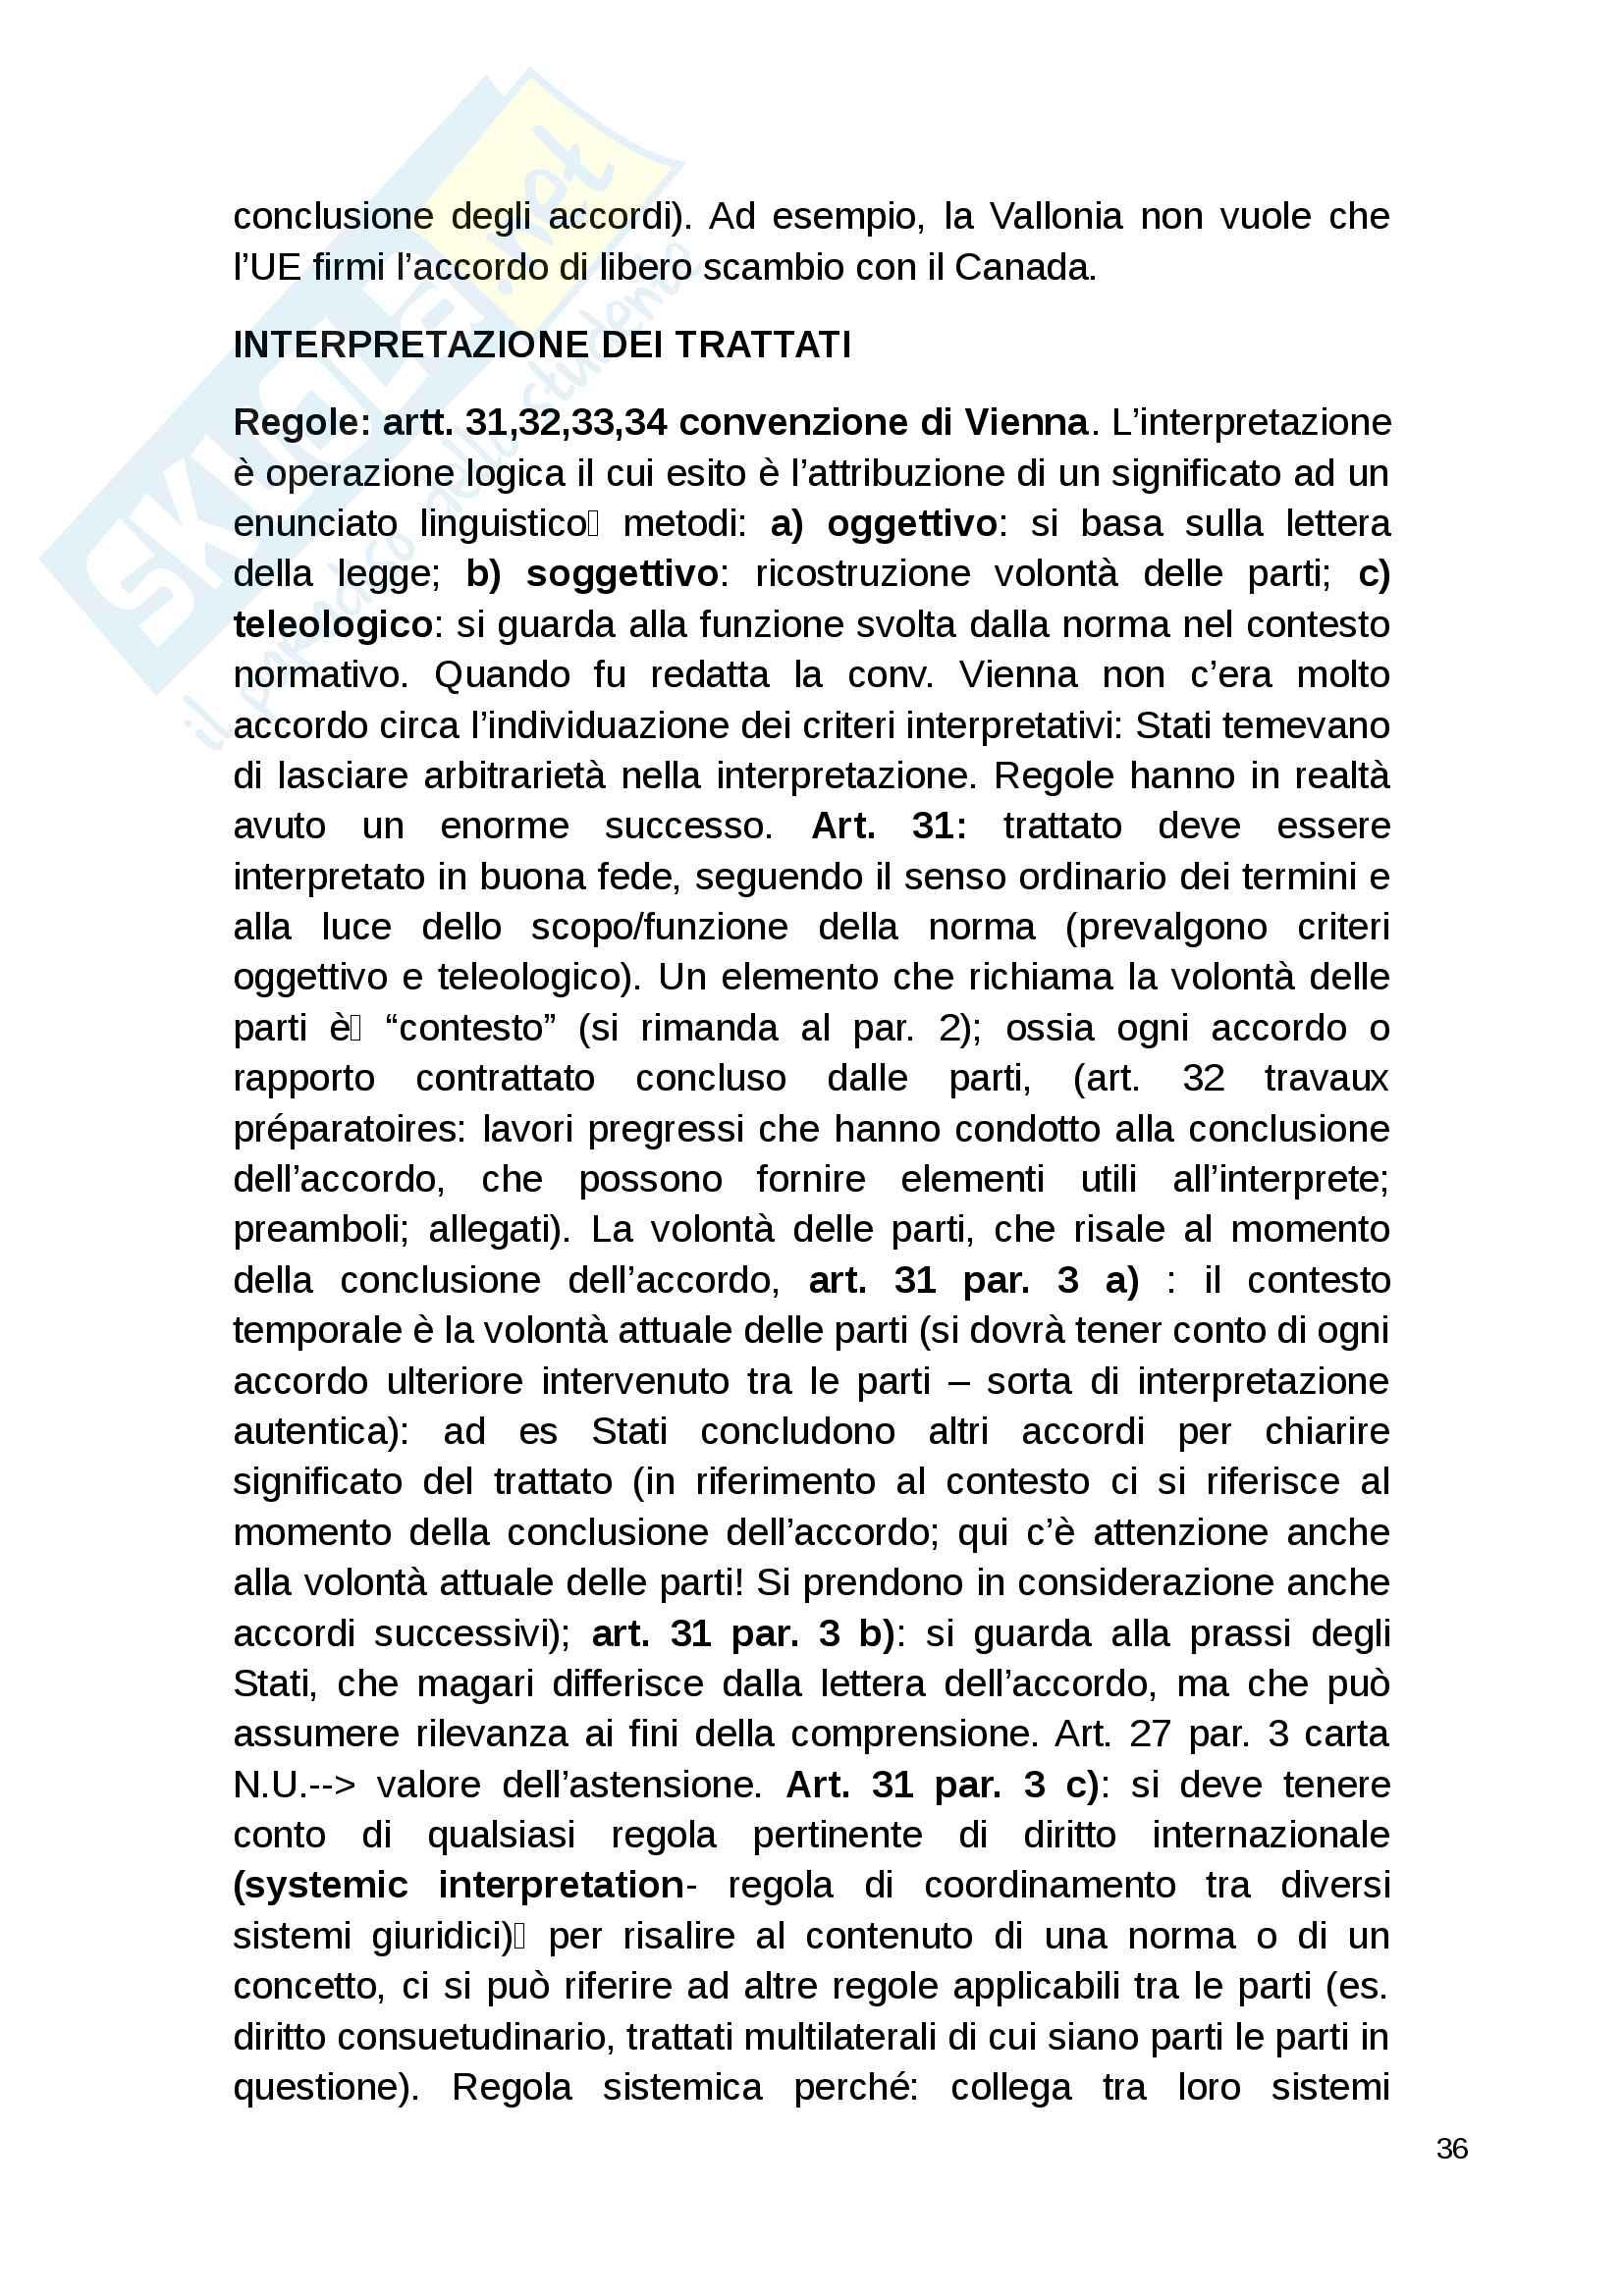 Riassunto esame diritto internazionale, Bufalini, libro consigliato Diritto internazionale di Cannizzaro Pag. 36